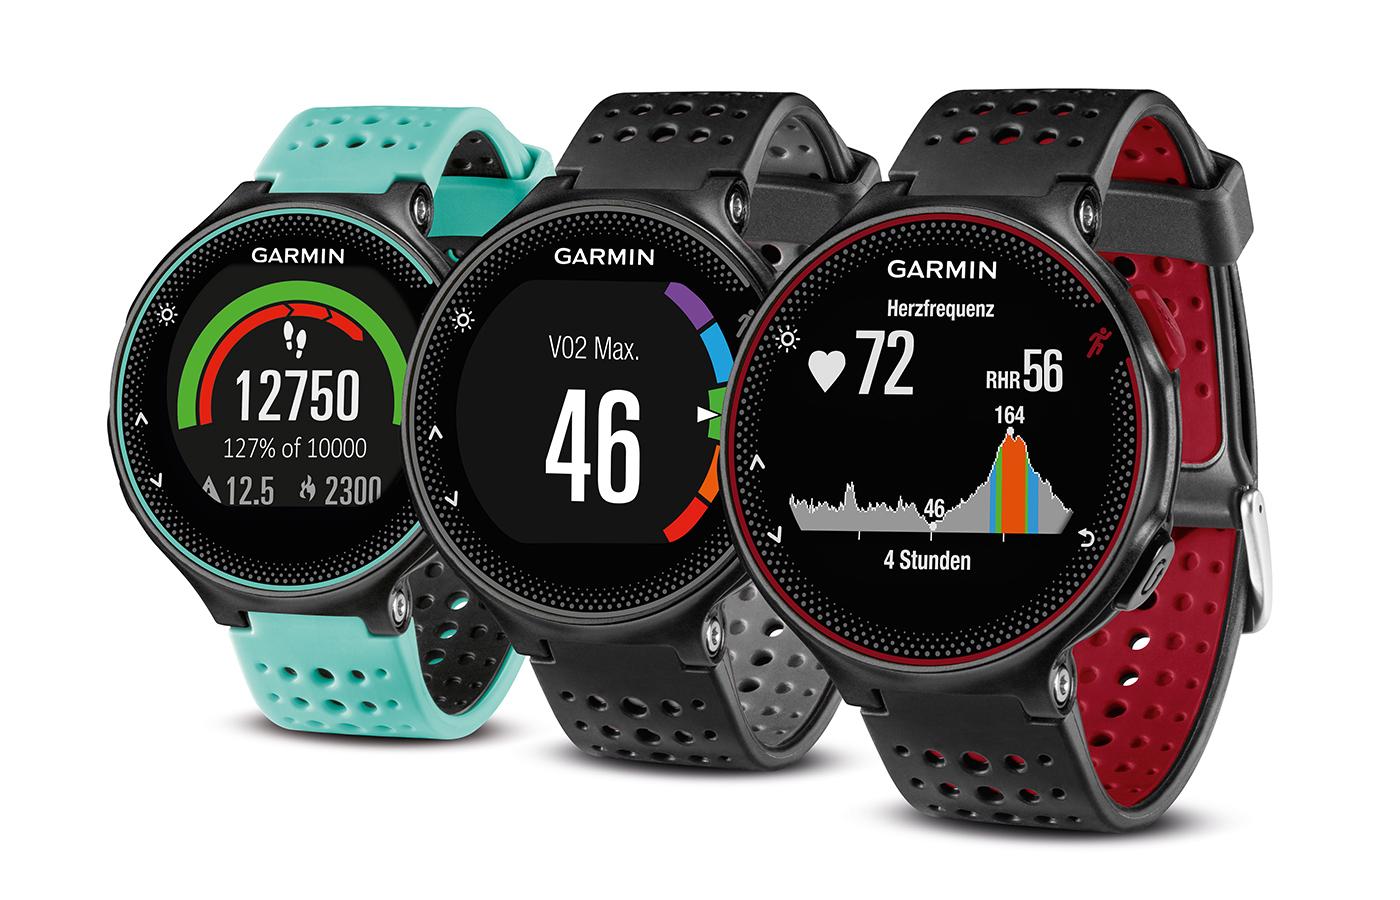 Лучшие часы для бега с gps: рейтинг трекеров 2019 года